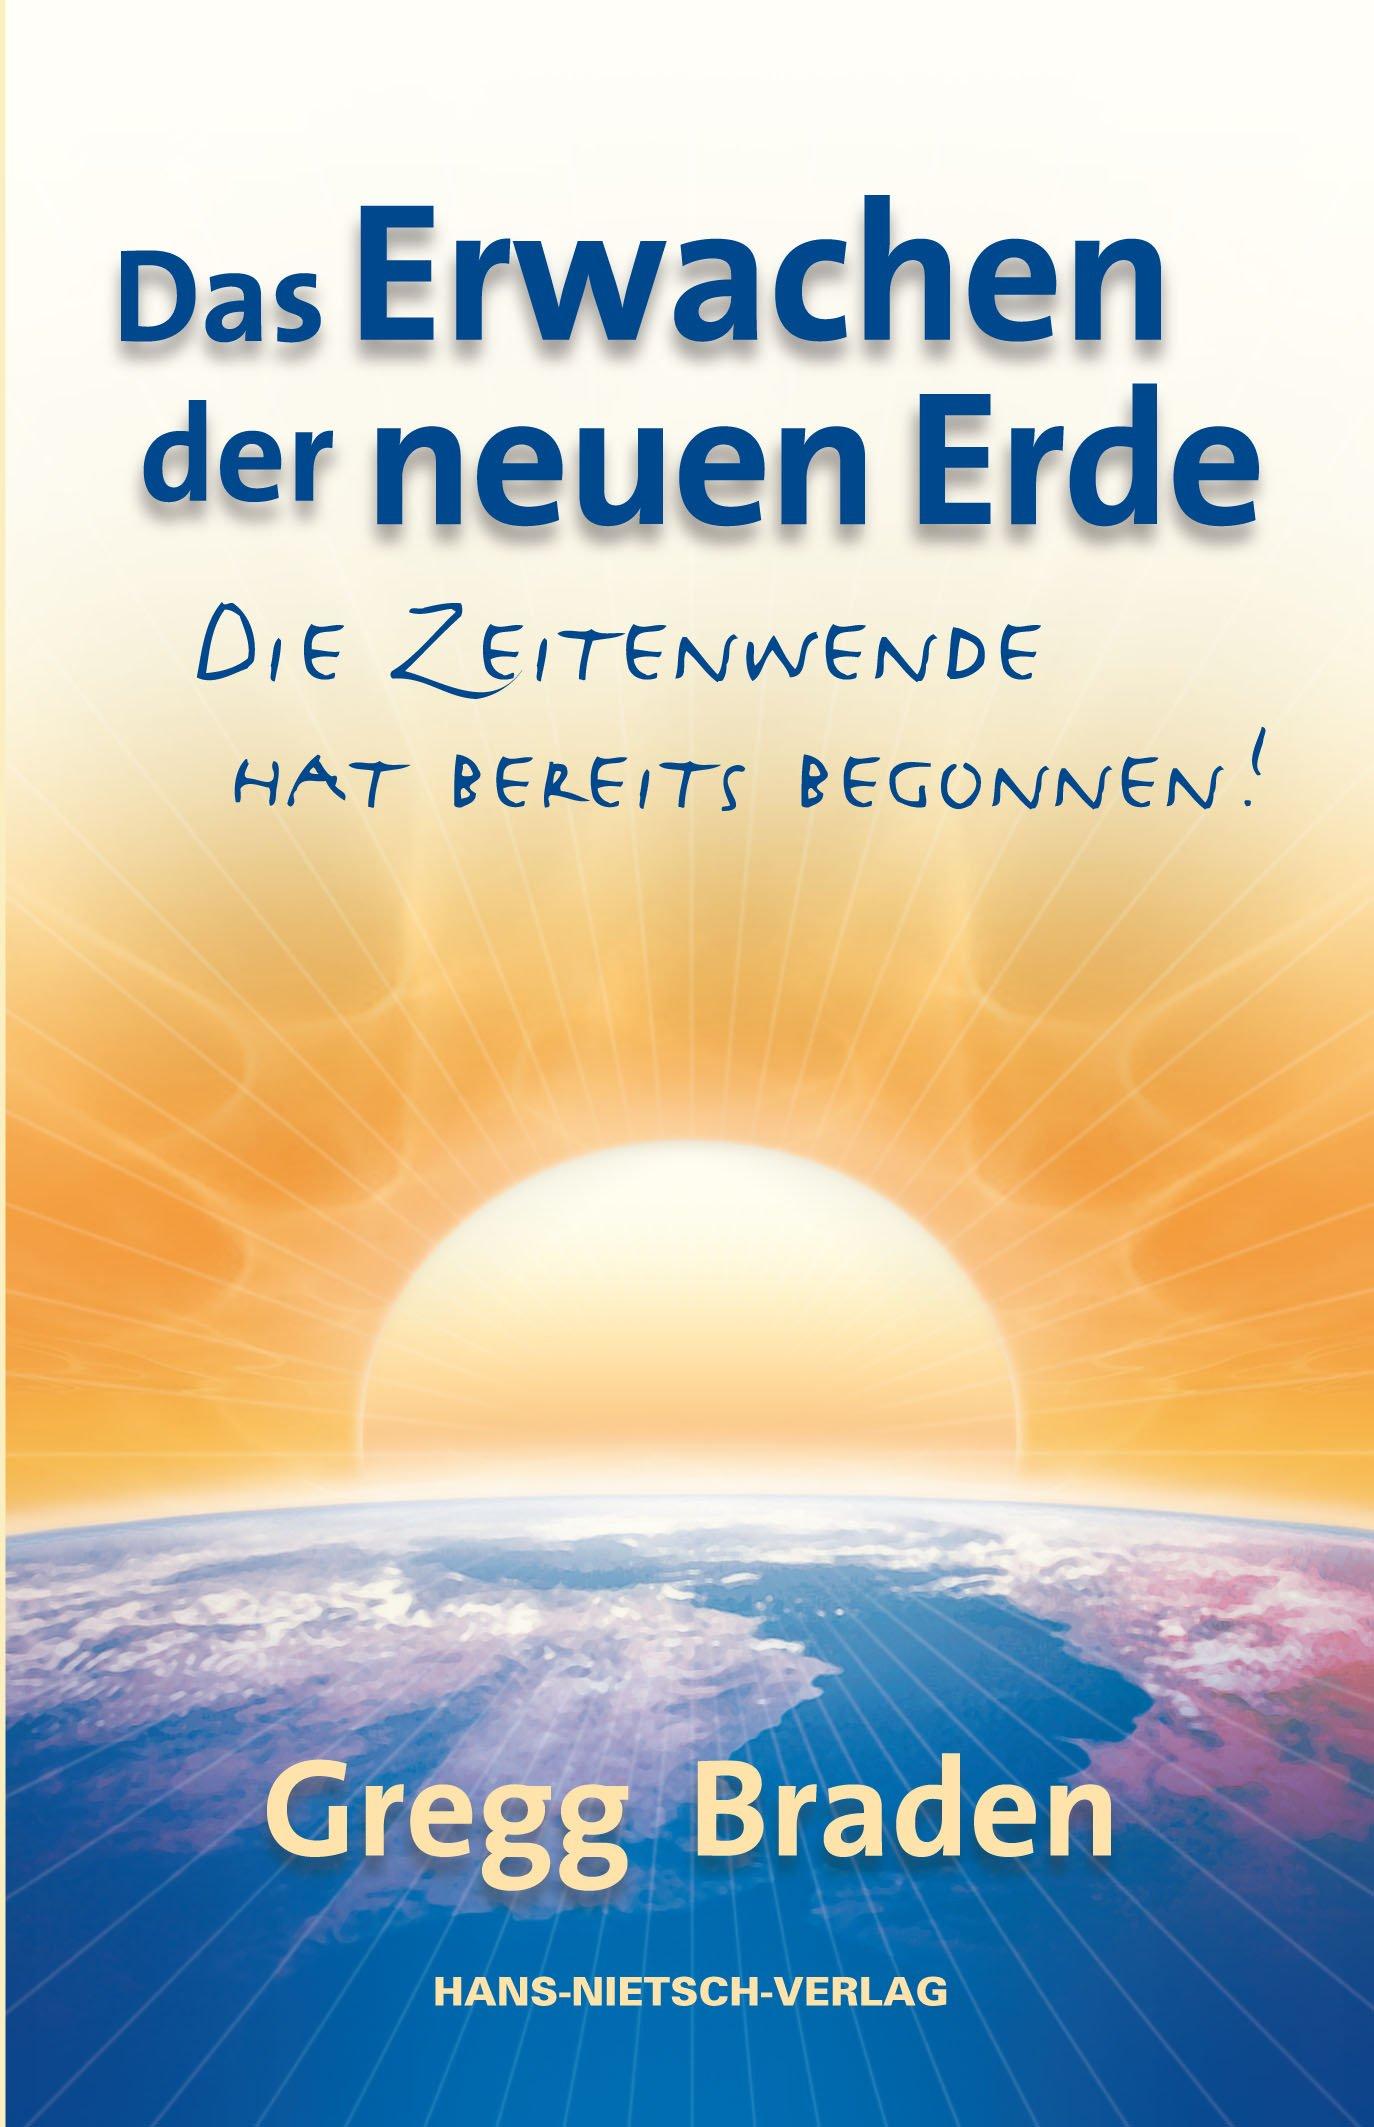 Das Erwachen der neuen Erde: Die Zeitenwende hat bereits begonnen!